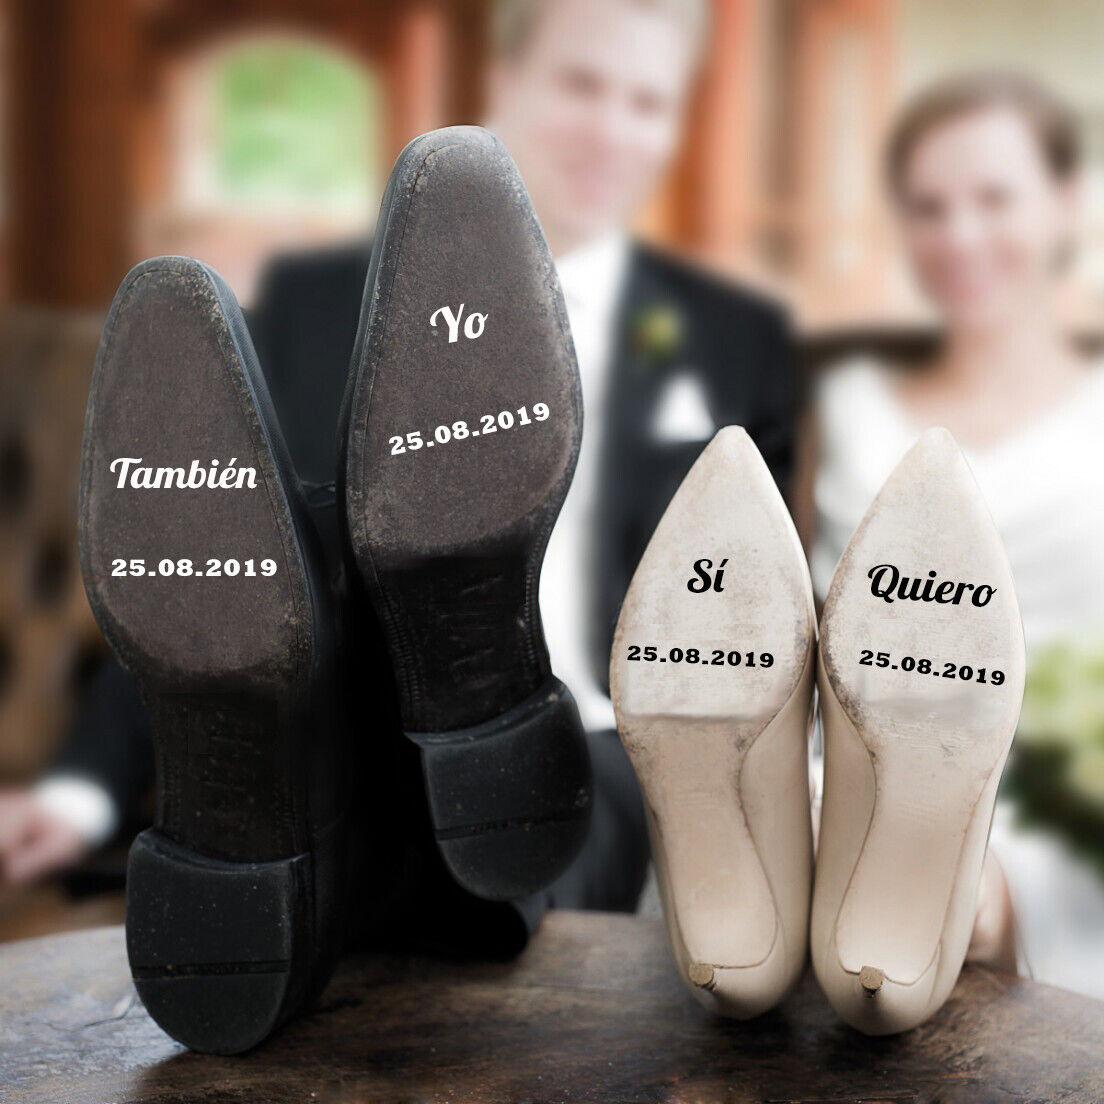 Pegatinas zapatos boda Sí Quiero Yo También personalizadas con fecha